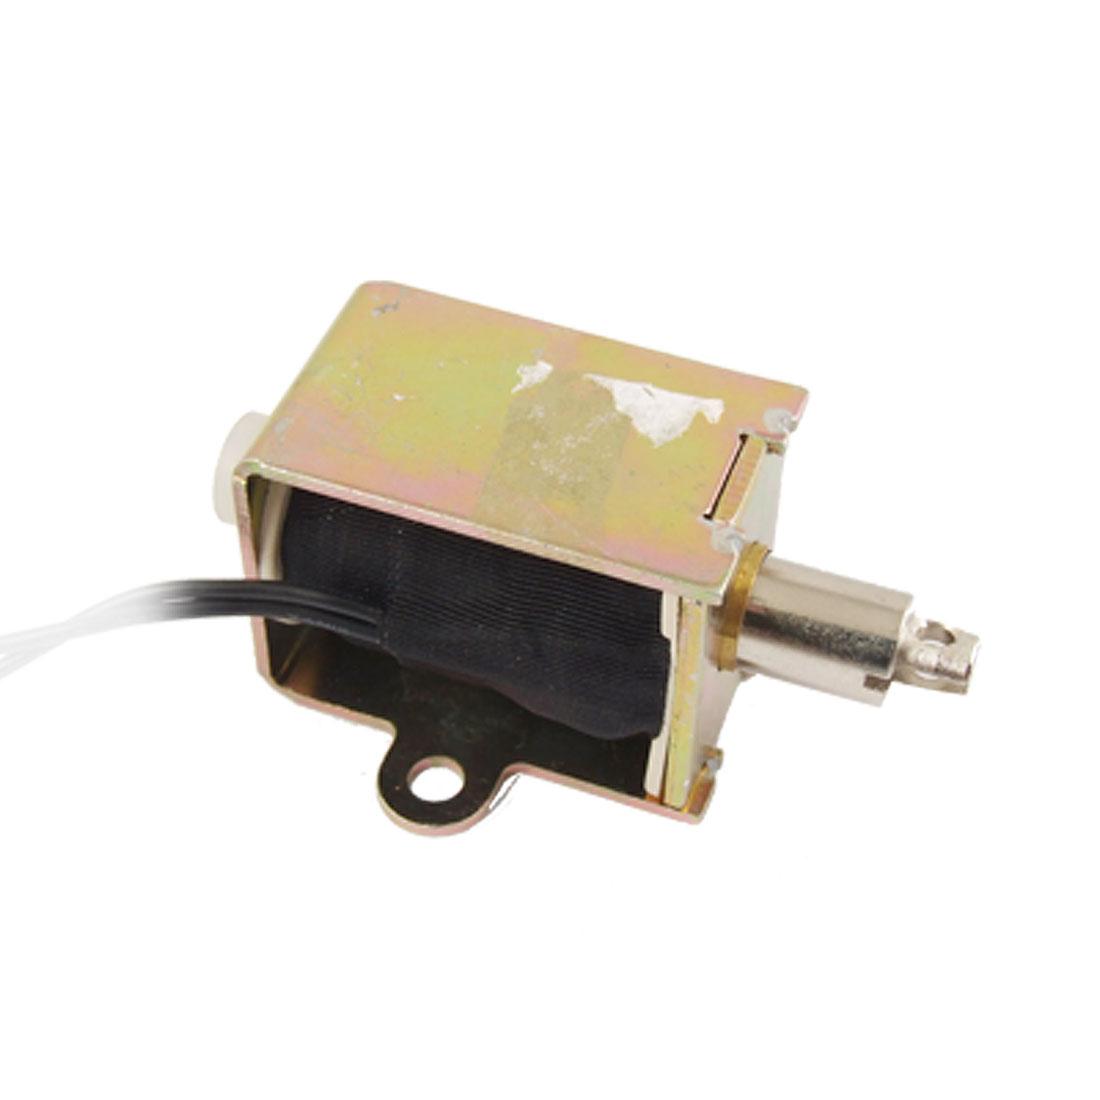 DC 24V 0.96A 10mm Stroke Open Frame Pull Type Electromagnet